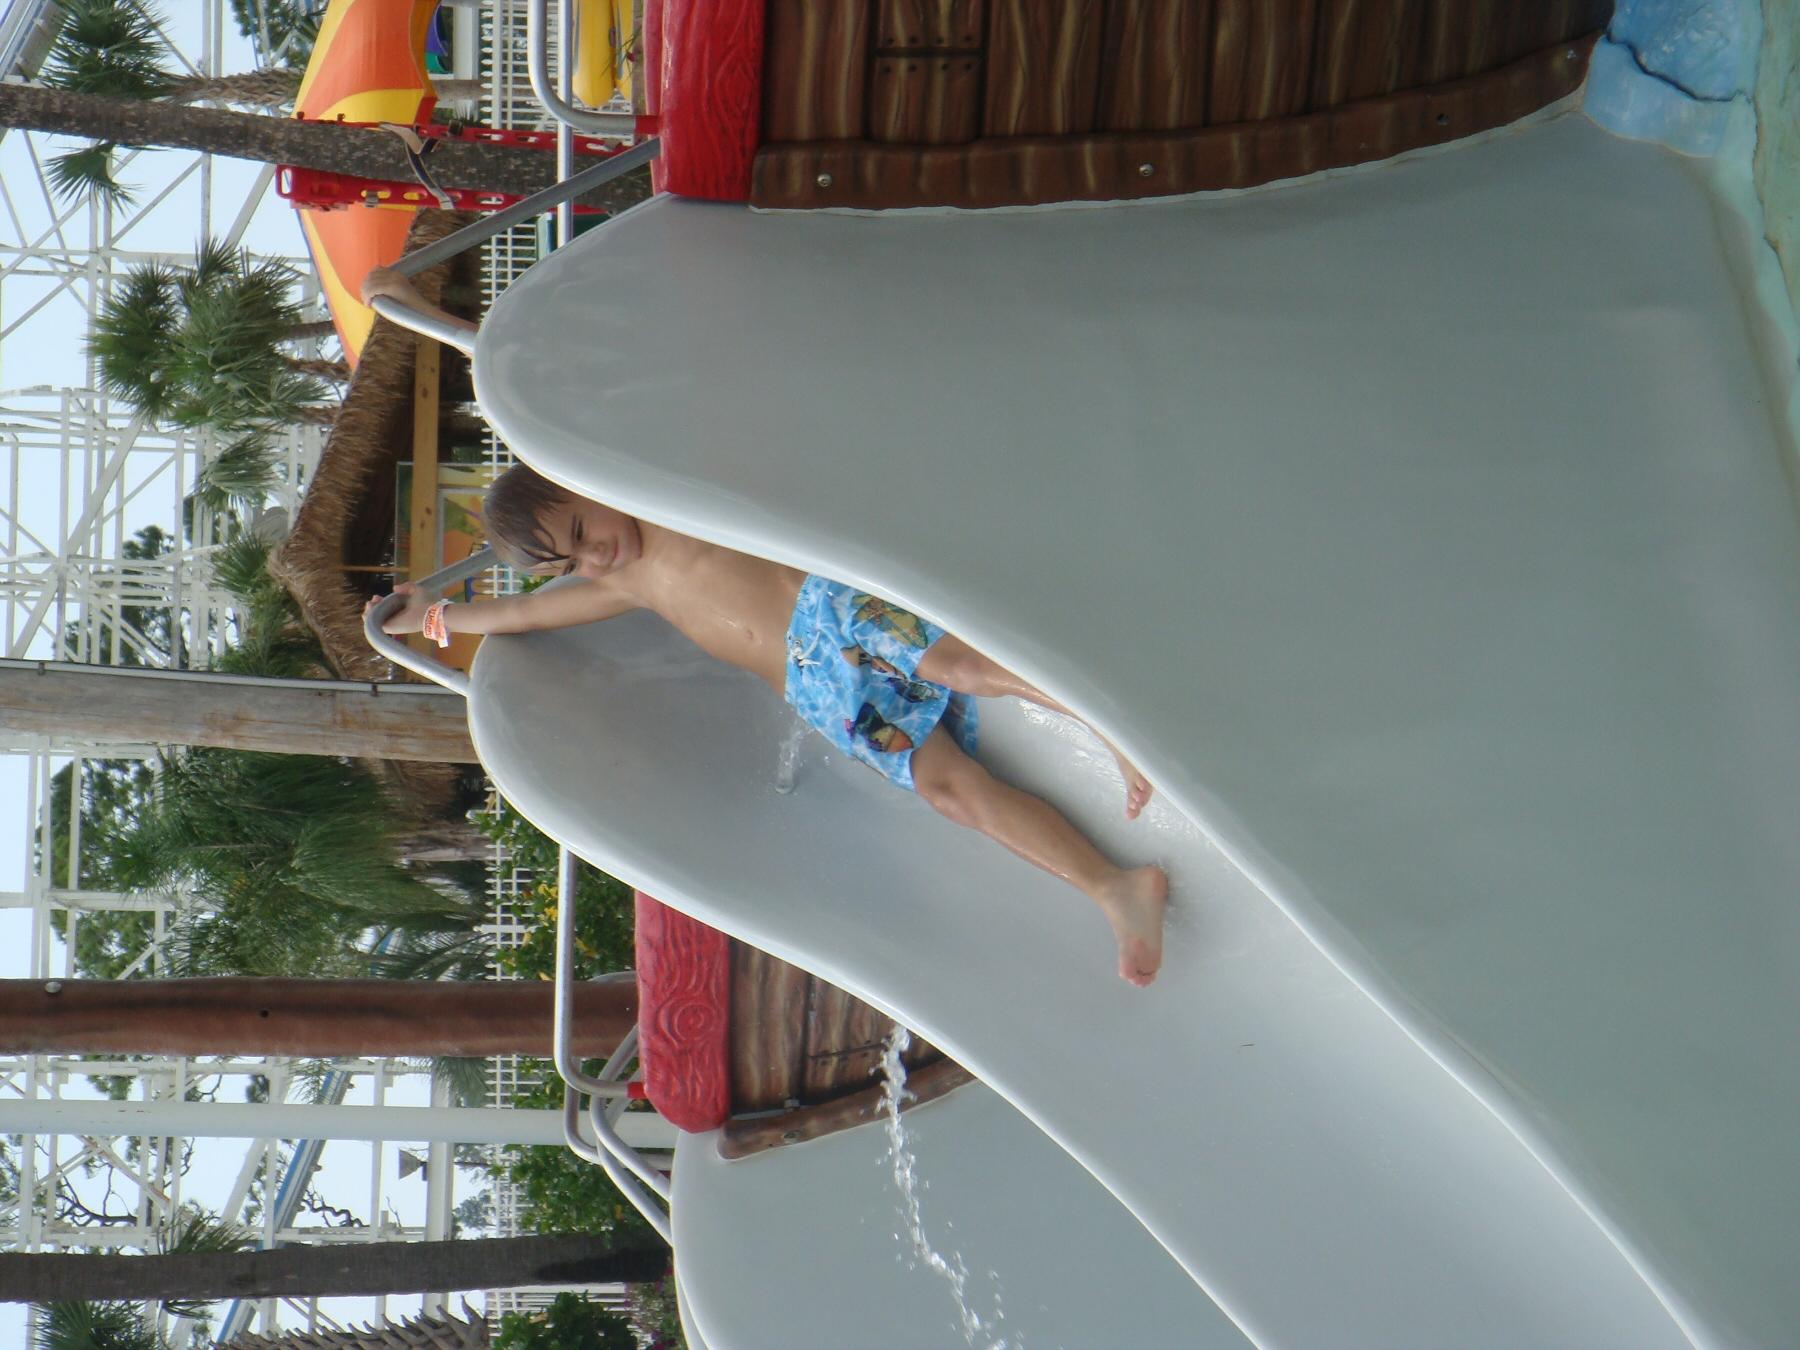 kid going down slide